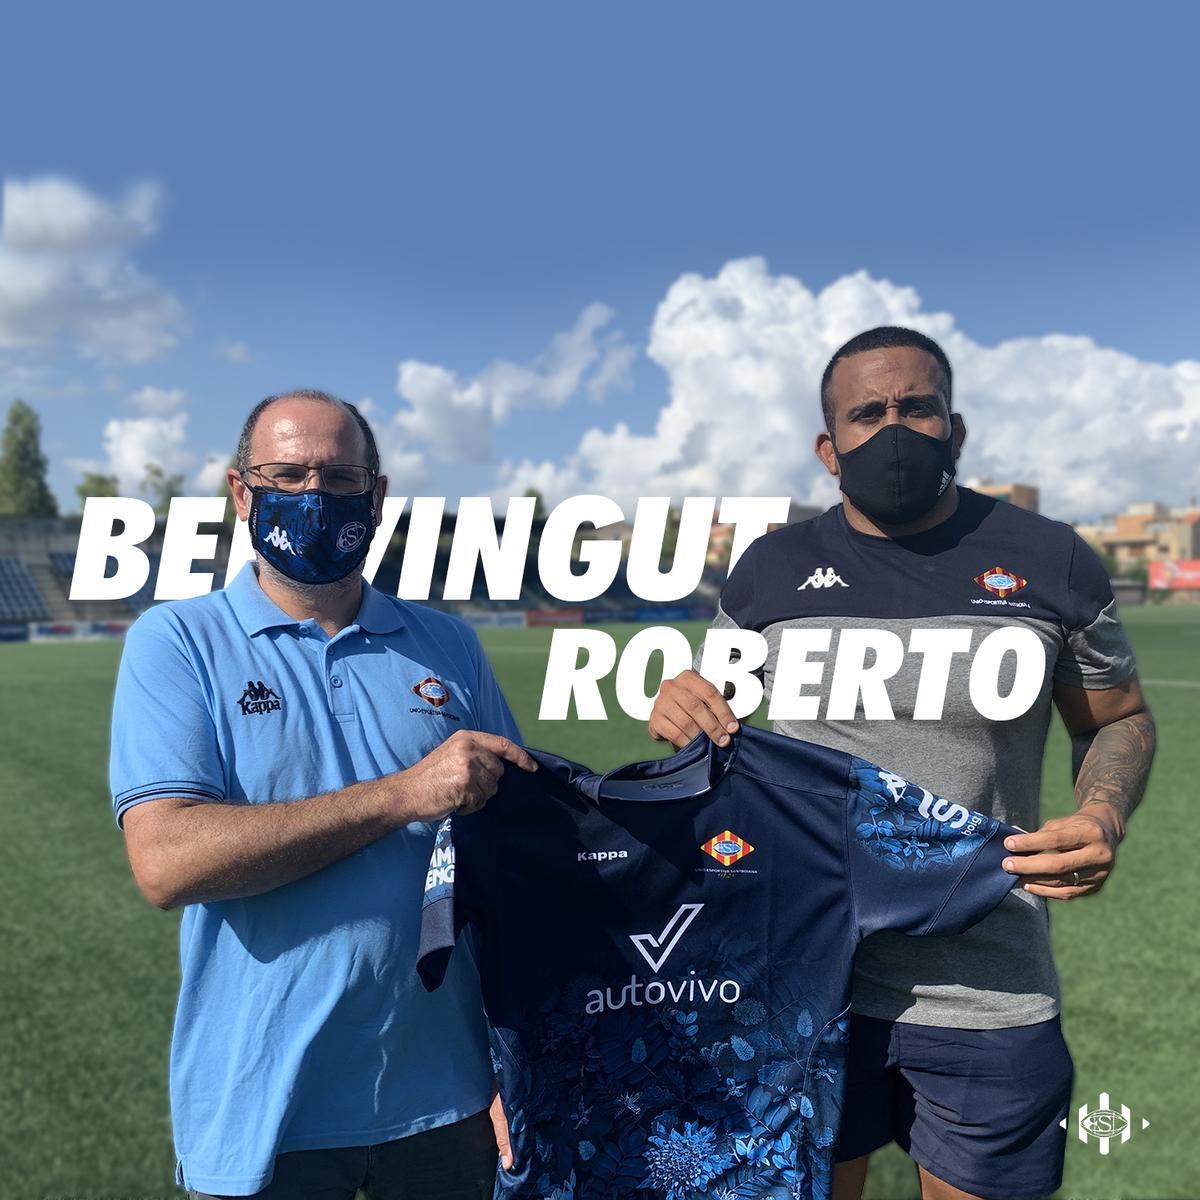 Roberto Tejerizo jugará en Unión Deportiva Santboiana de España